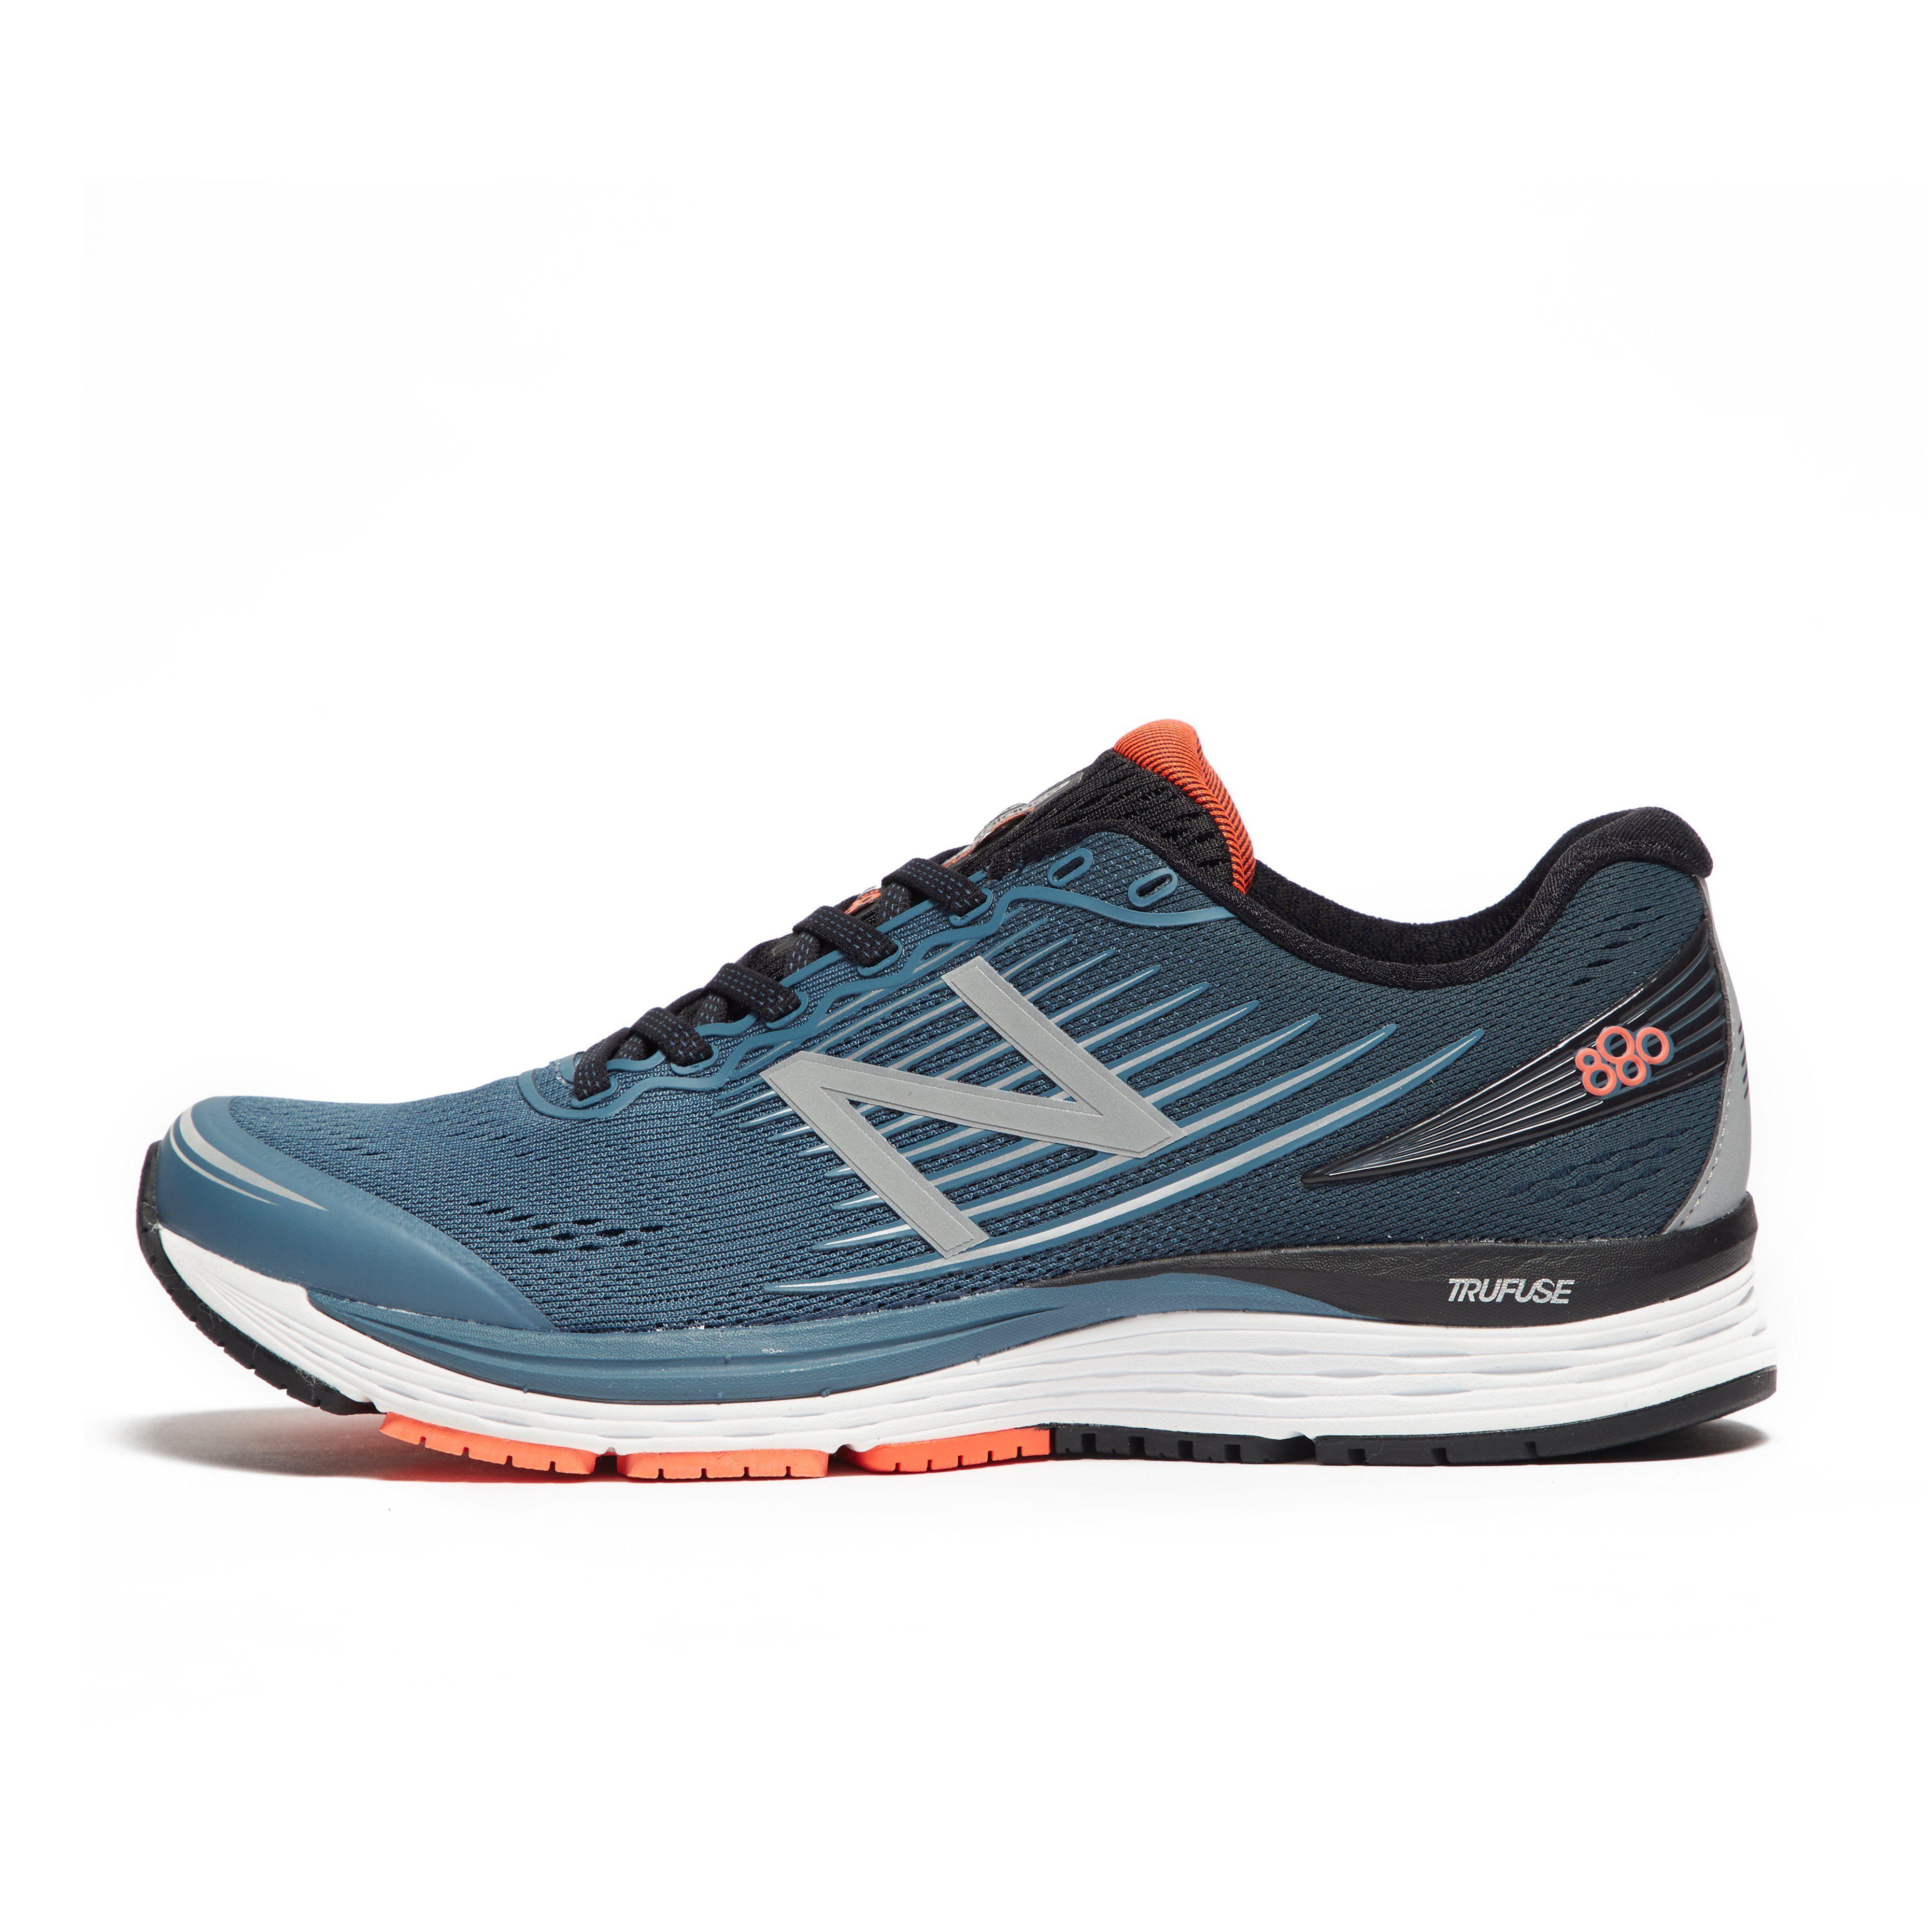 New Balance 880v8 Men's Running Shoes